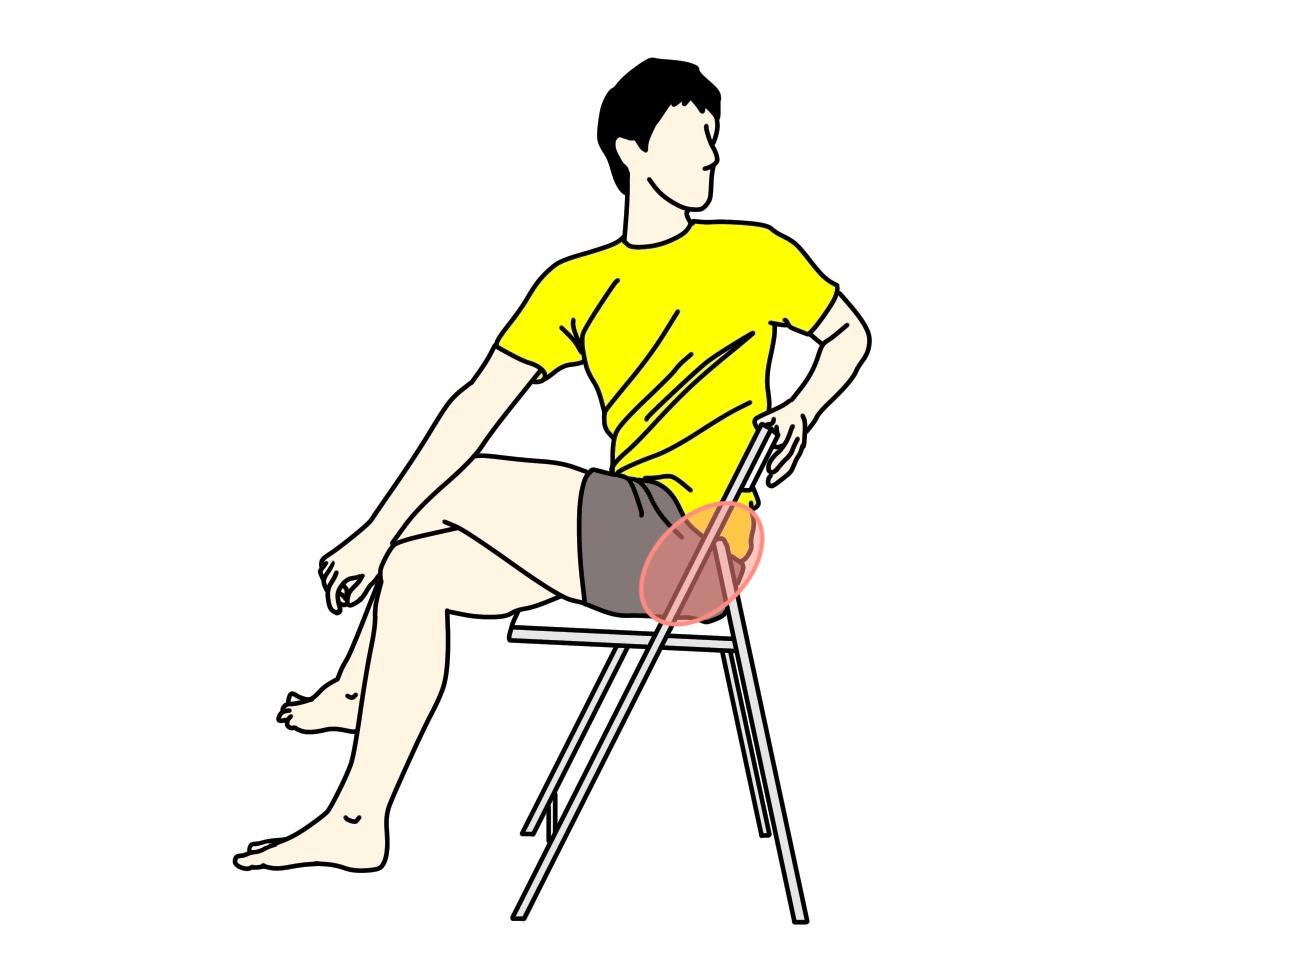 椅子に座った姿勢で行うお尻〜腰の筋肉のストレッチの方法3